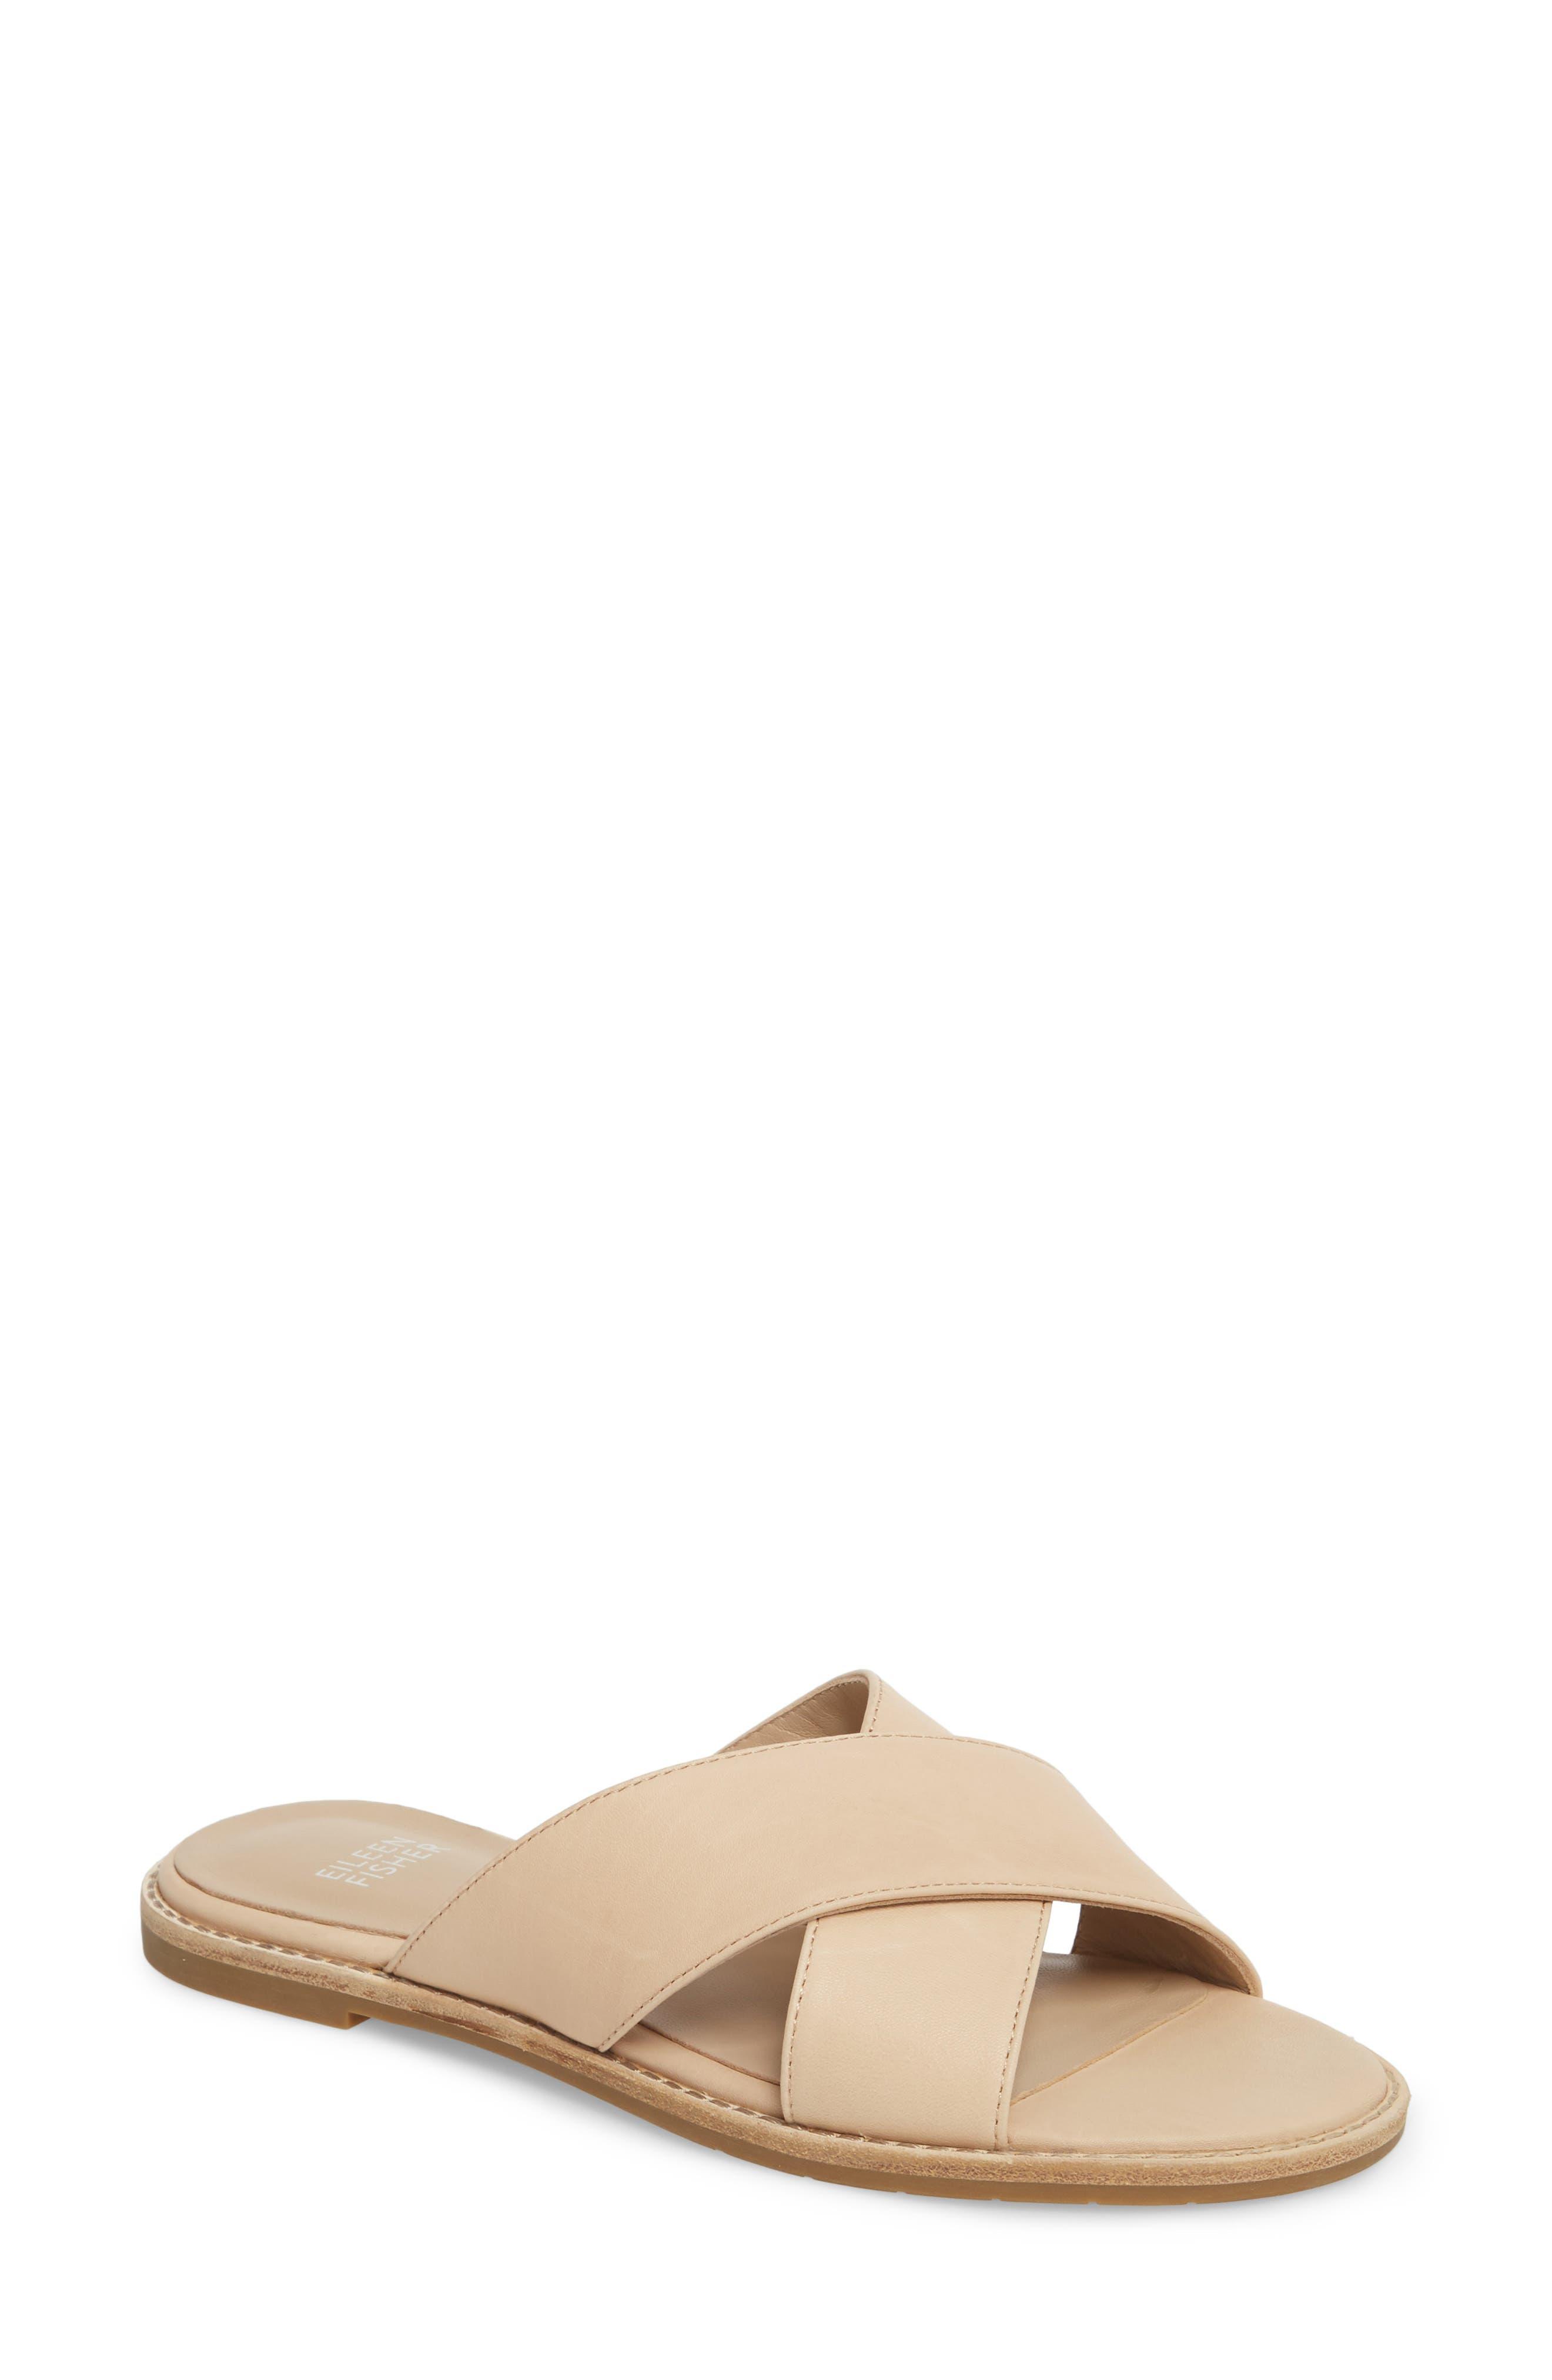 Cape Slide Sandal,                         Main,                         color, Desert Leather